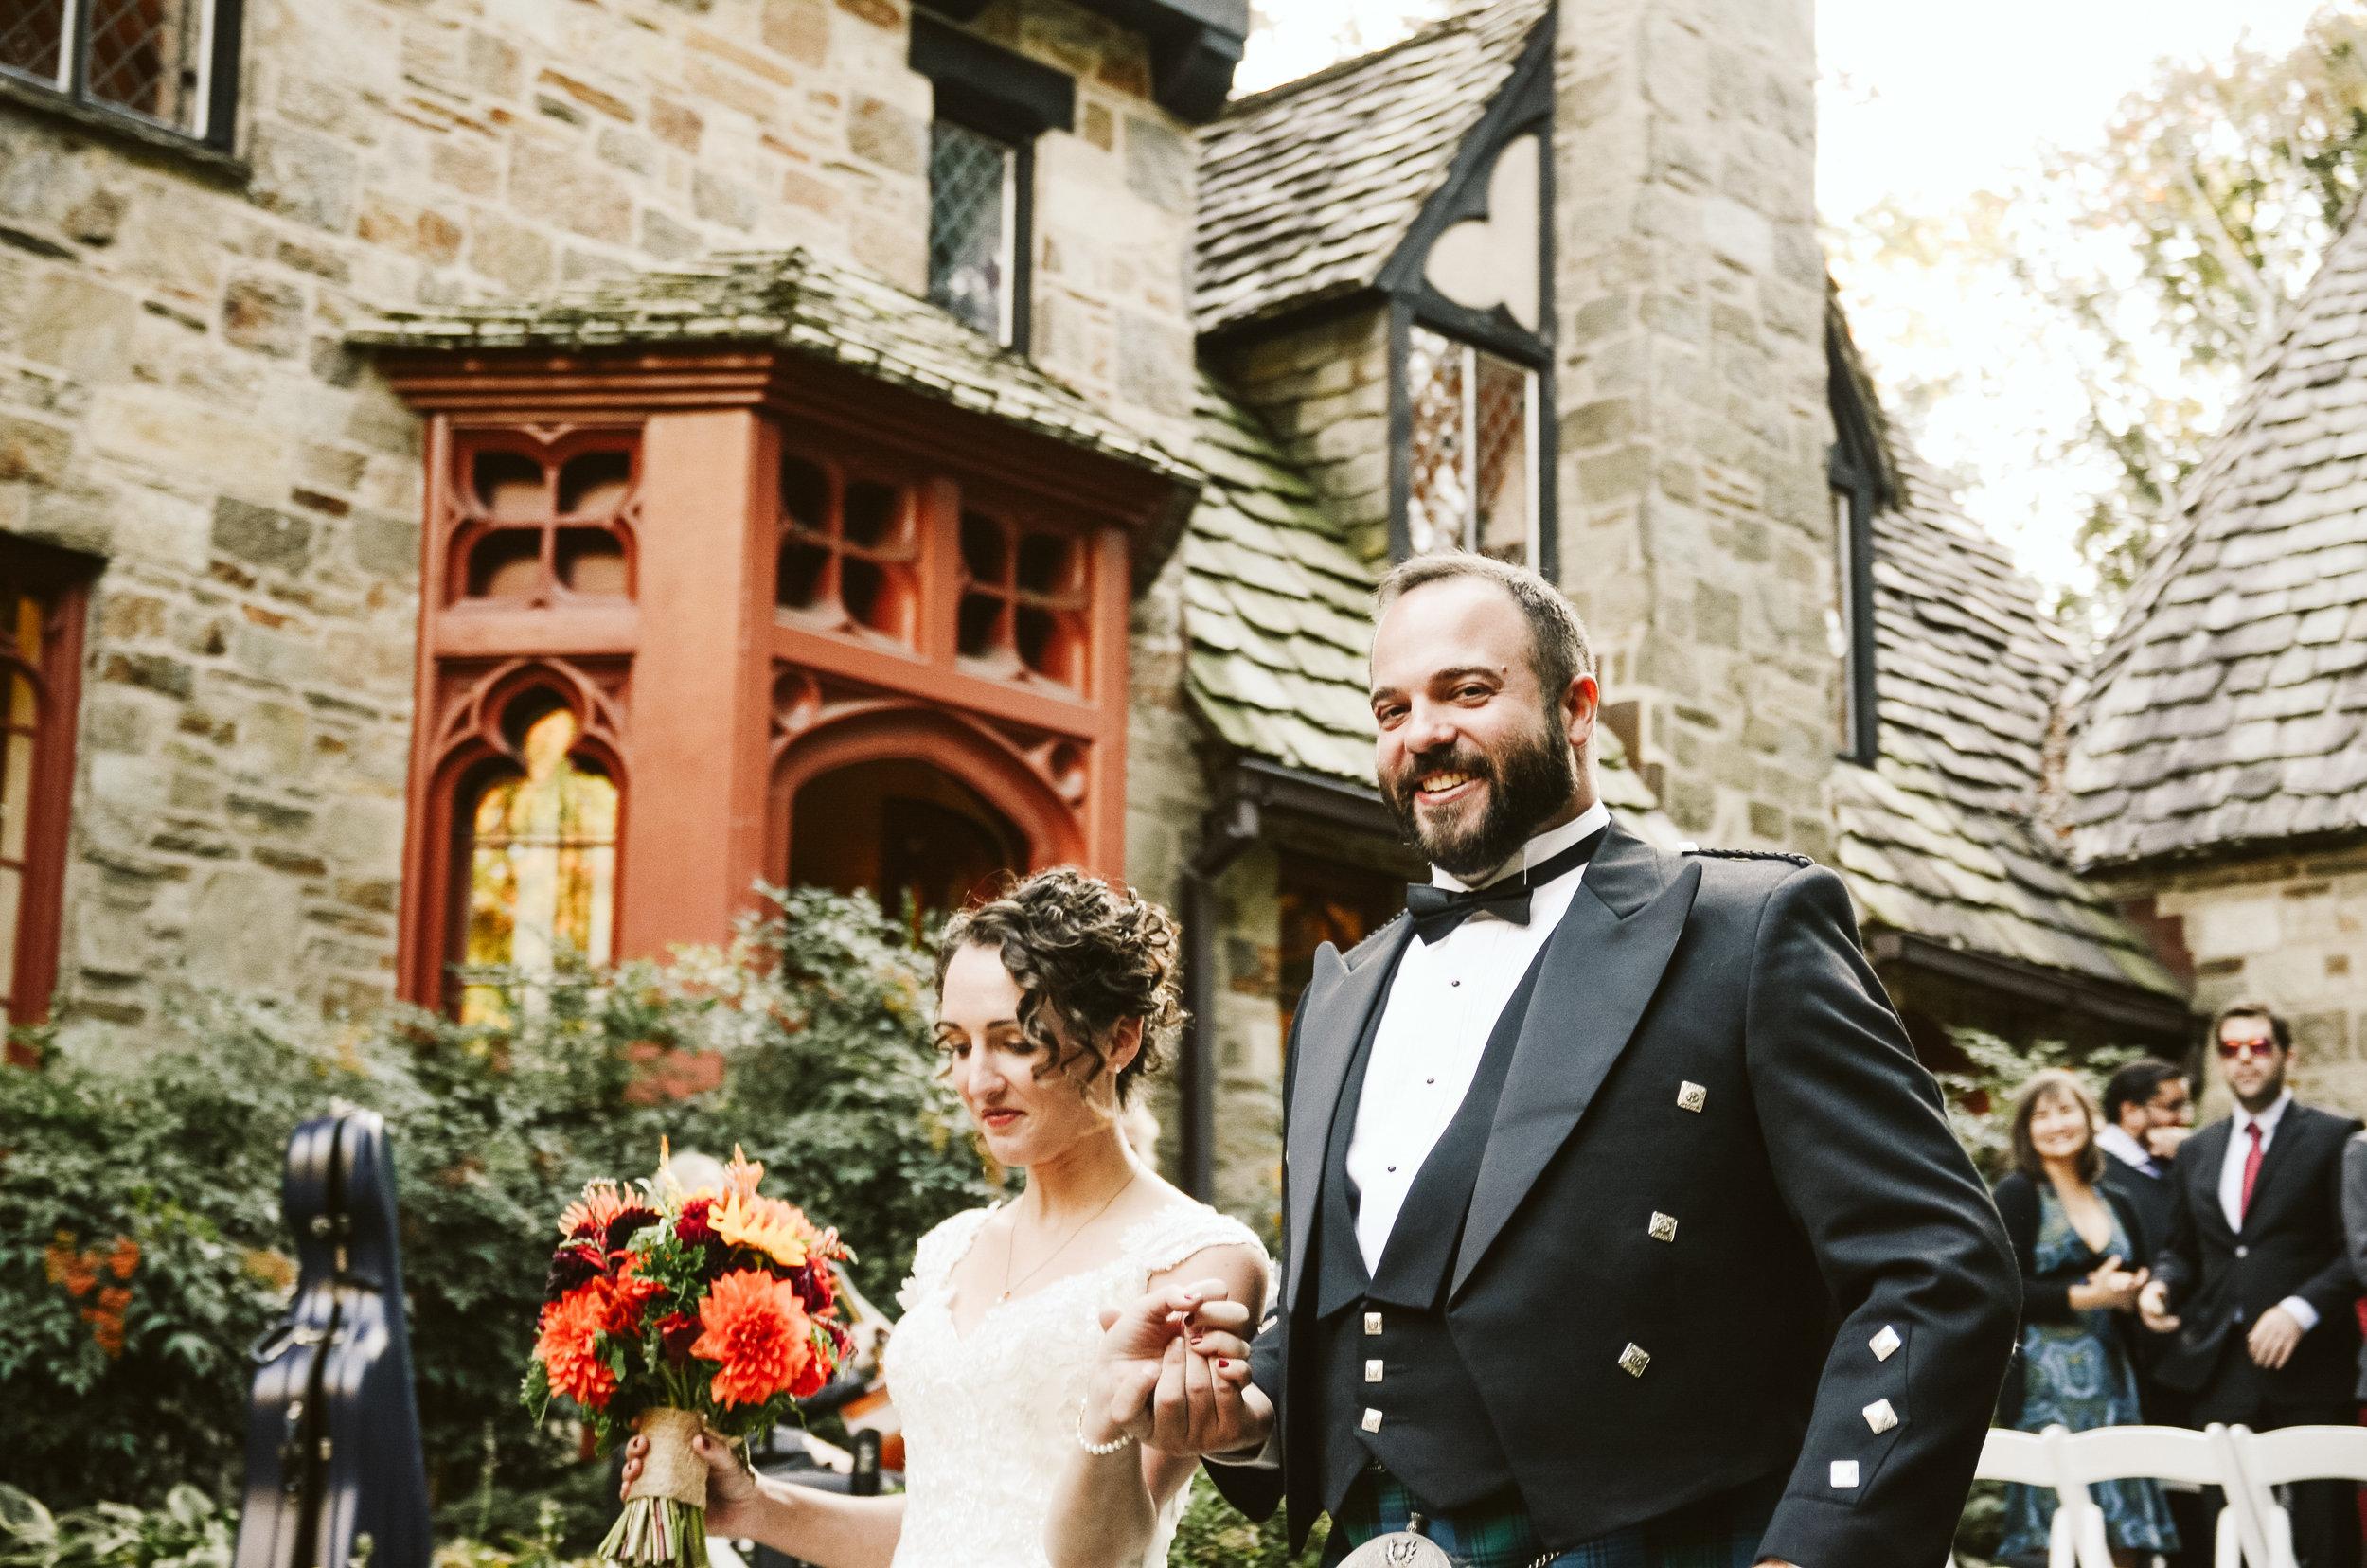 adrienne and greg's wedding 2018 edits-55.jpg